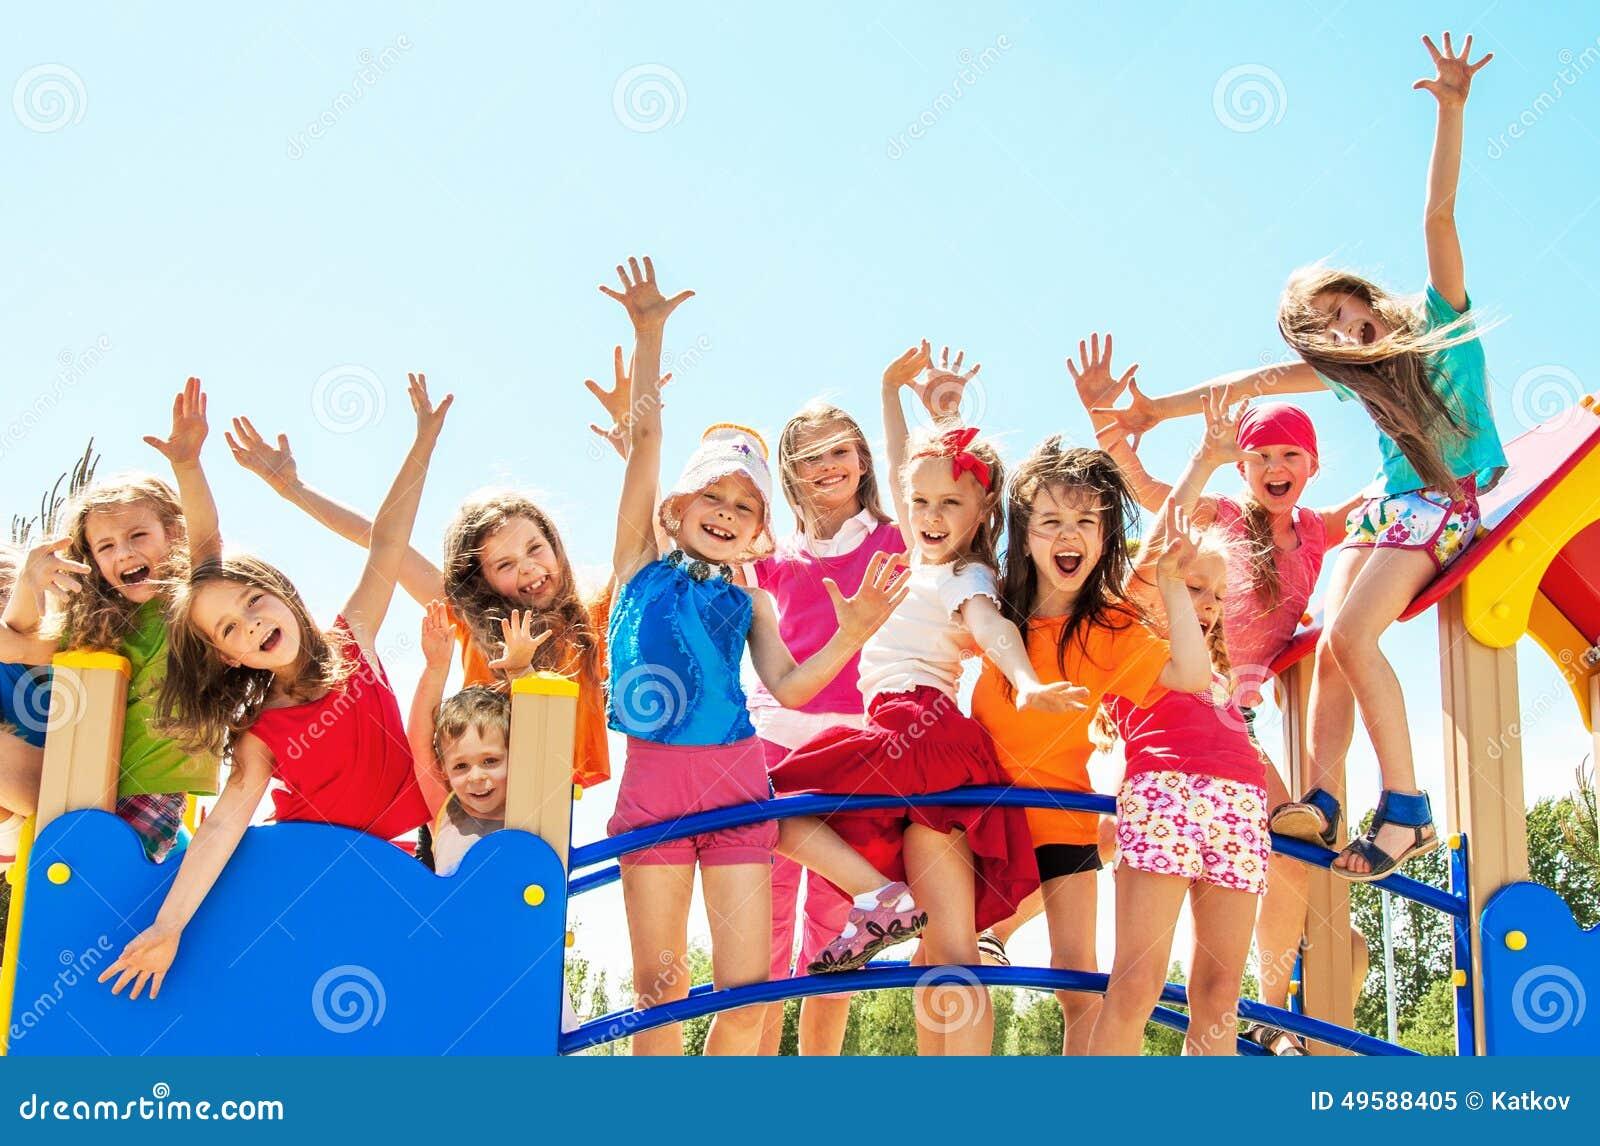 Clipart Of School Children